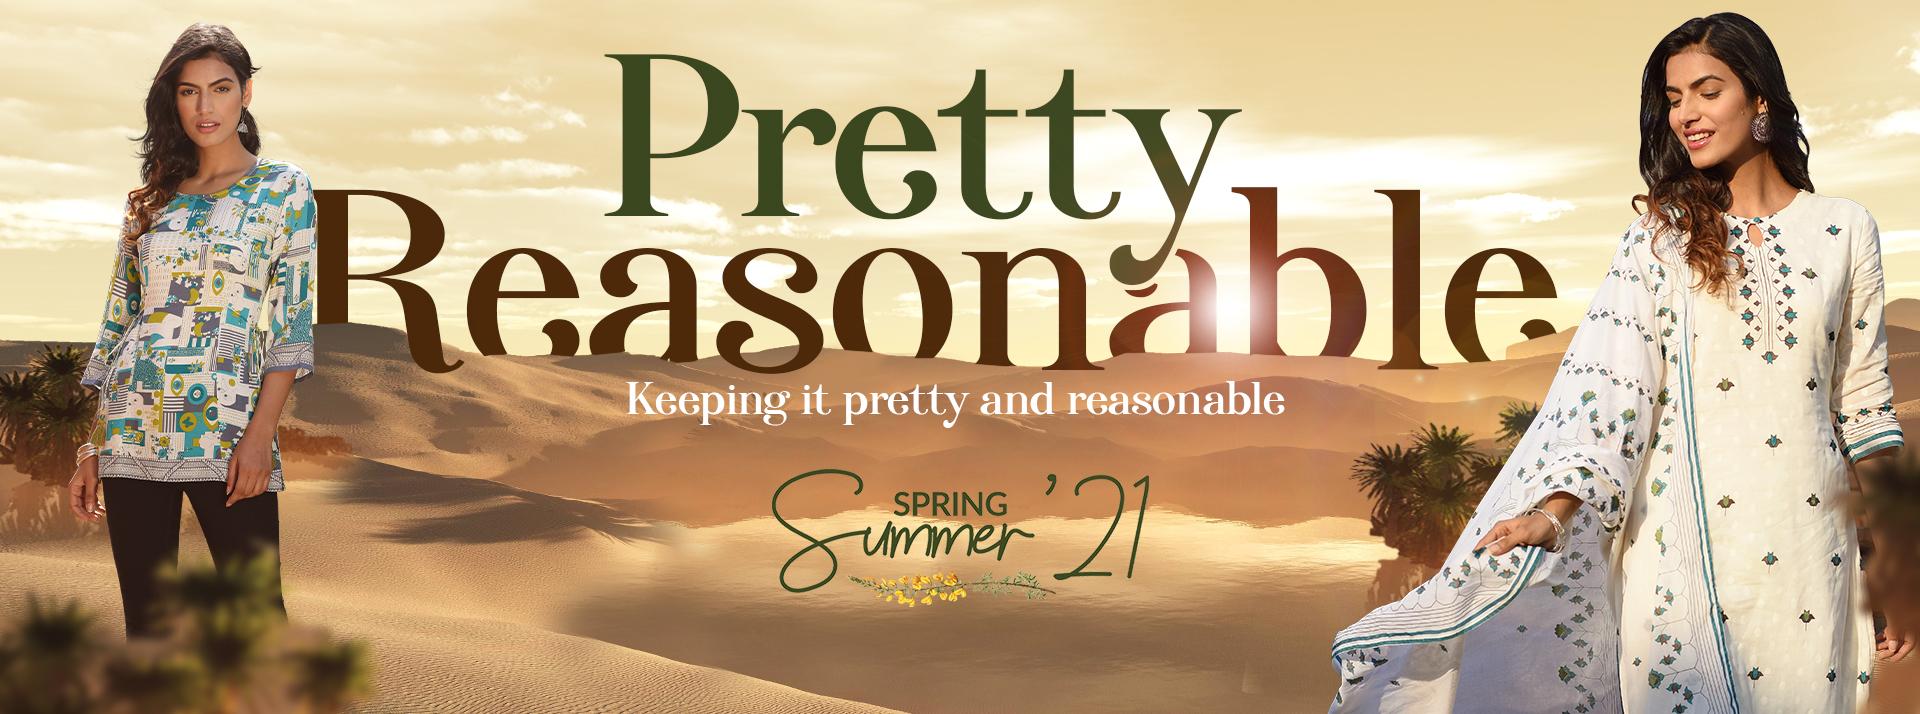 Spring Summer 21